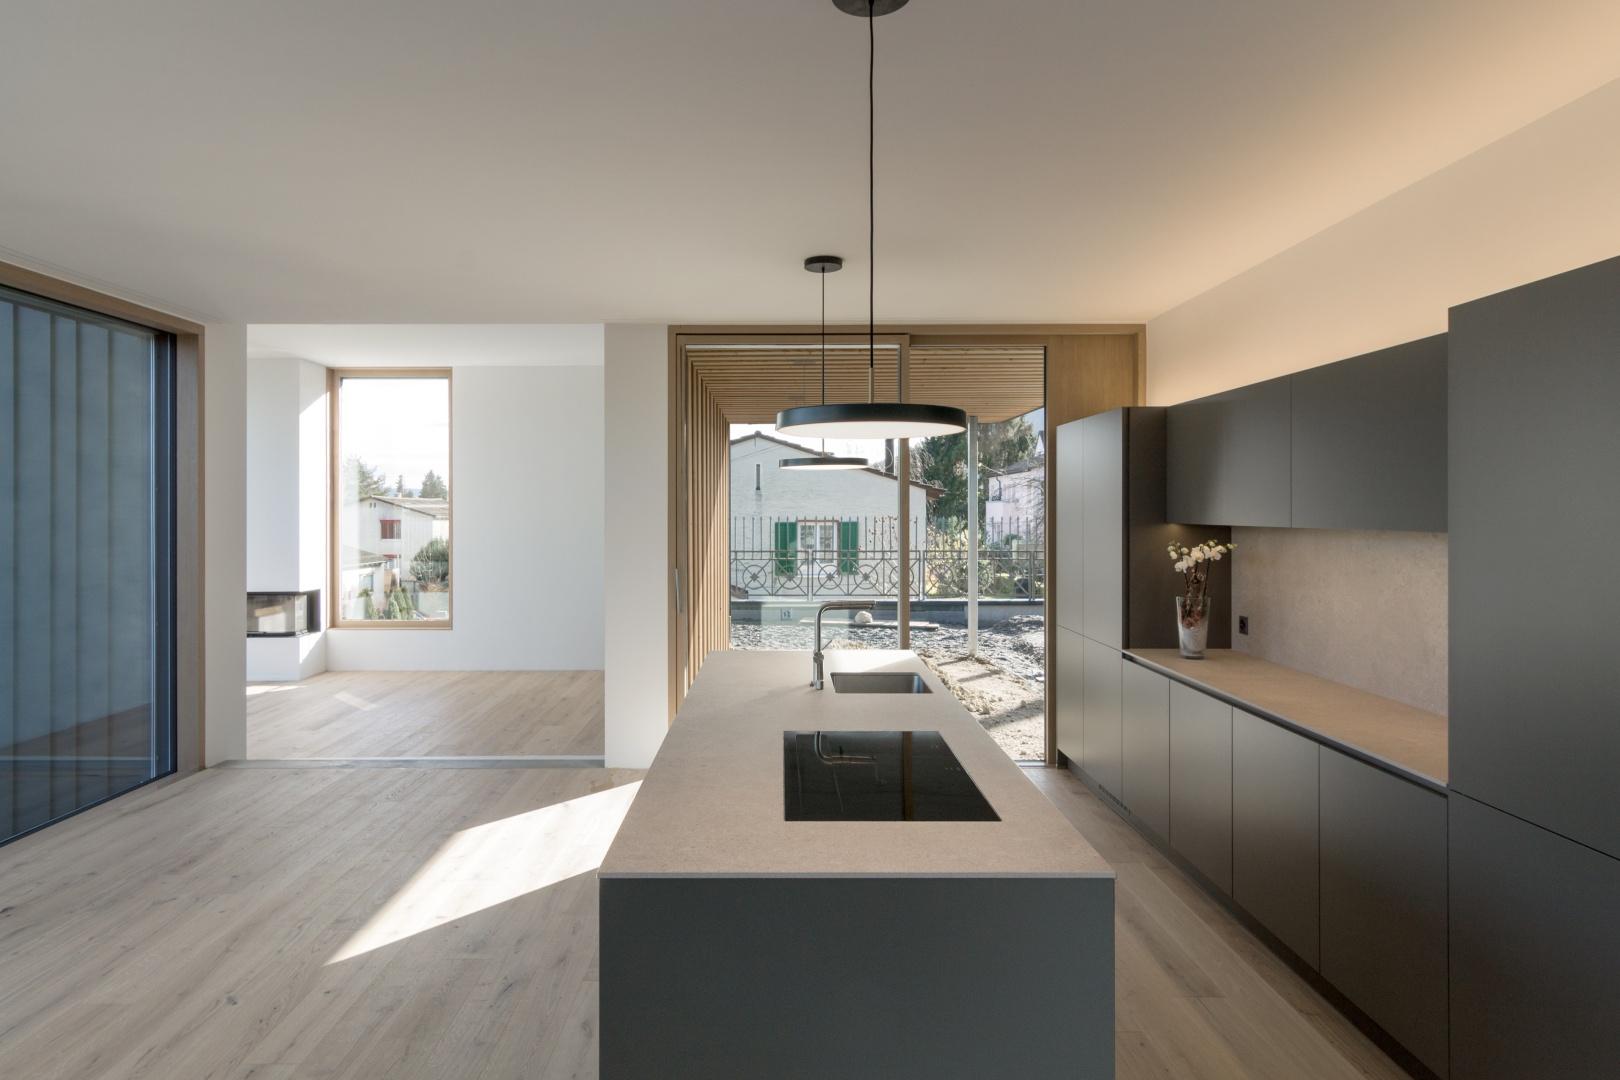 © Wir Architekten GmbH